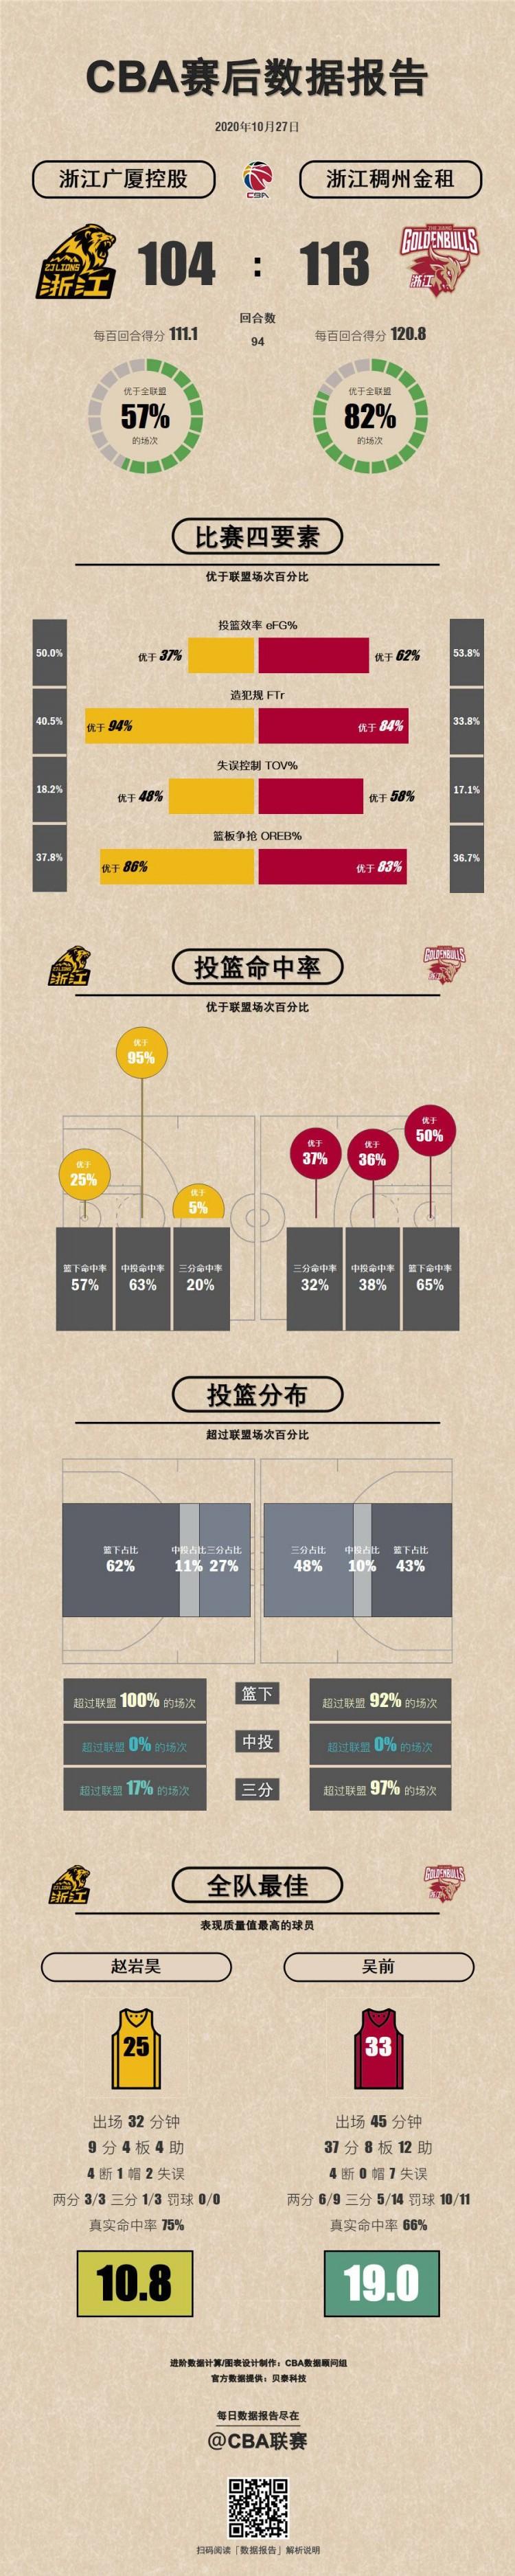 广厦VS浙江数据报告:吴前37+8+12表现质量值全场最高